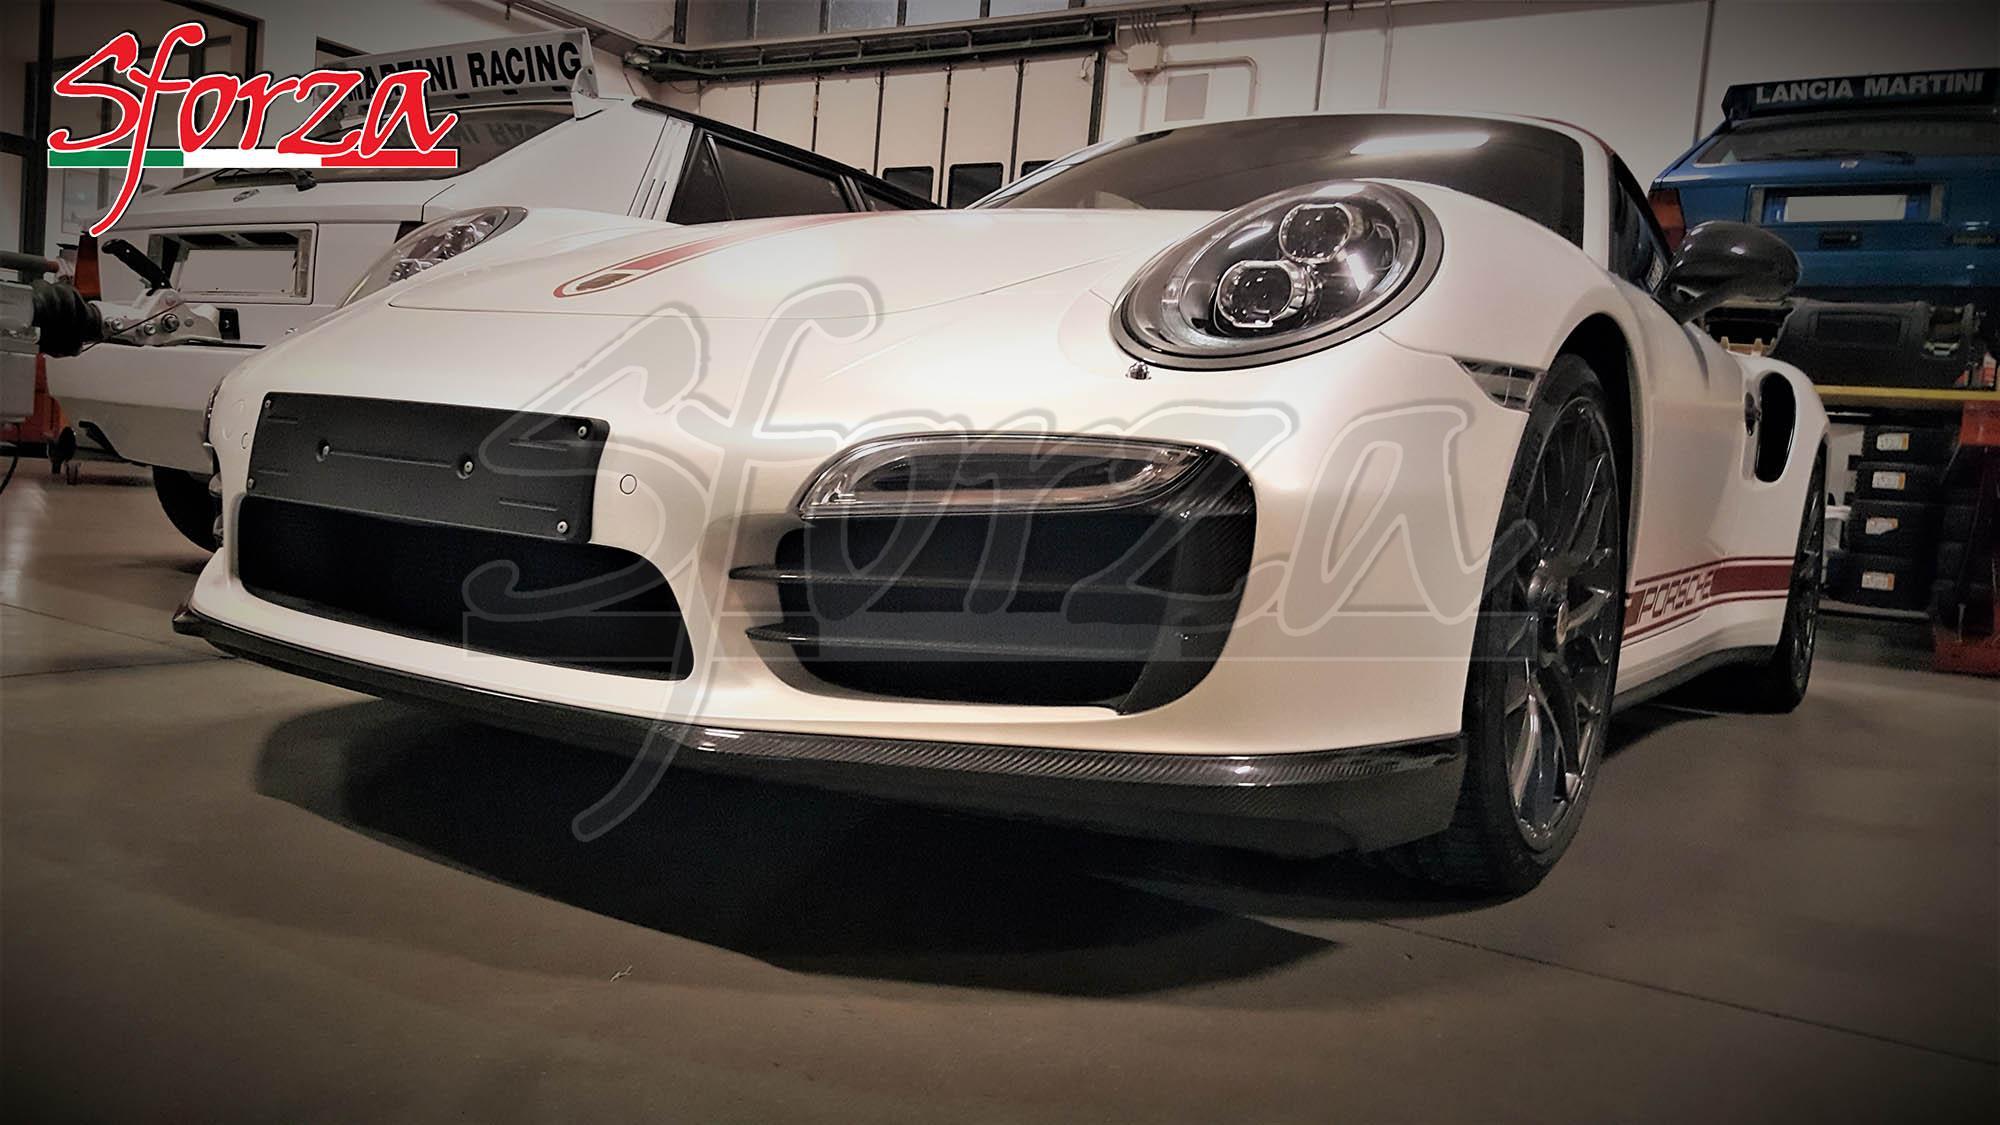 Porsche 911 991 Turbo mk1 Spoiler anteriore carbonio